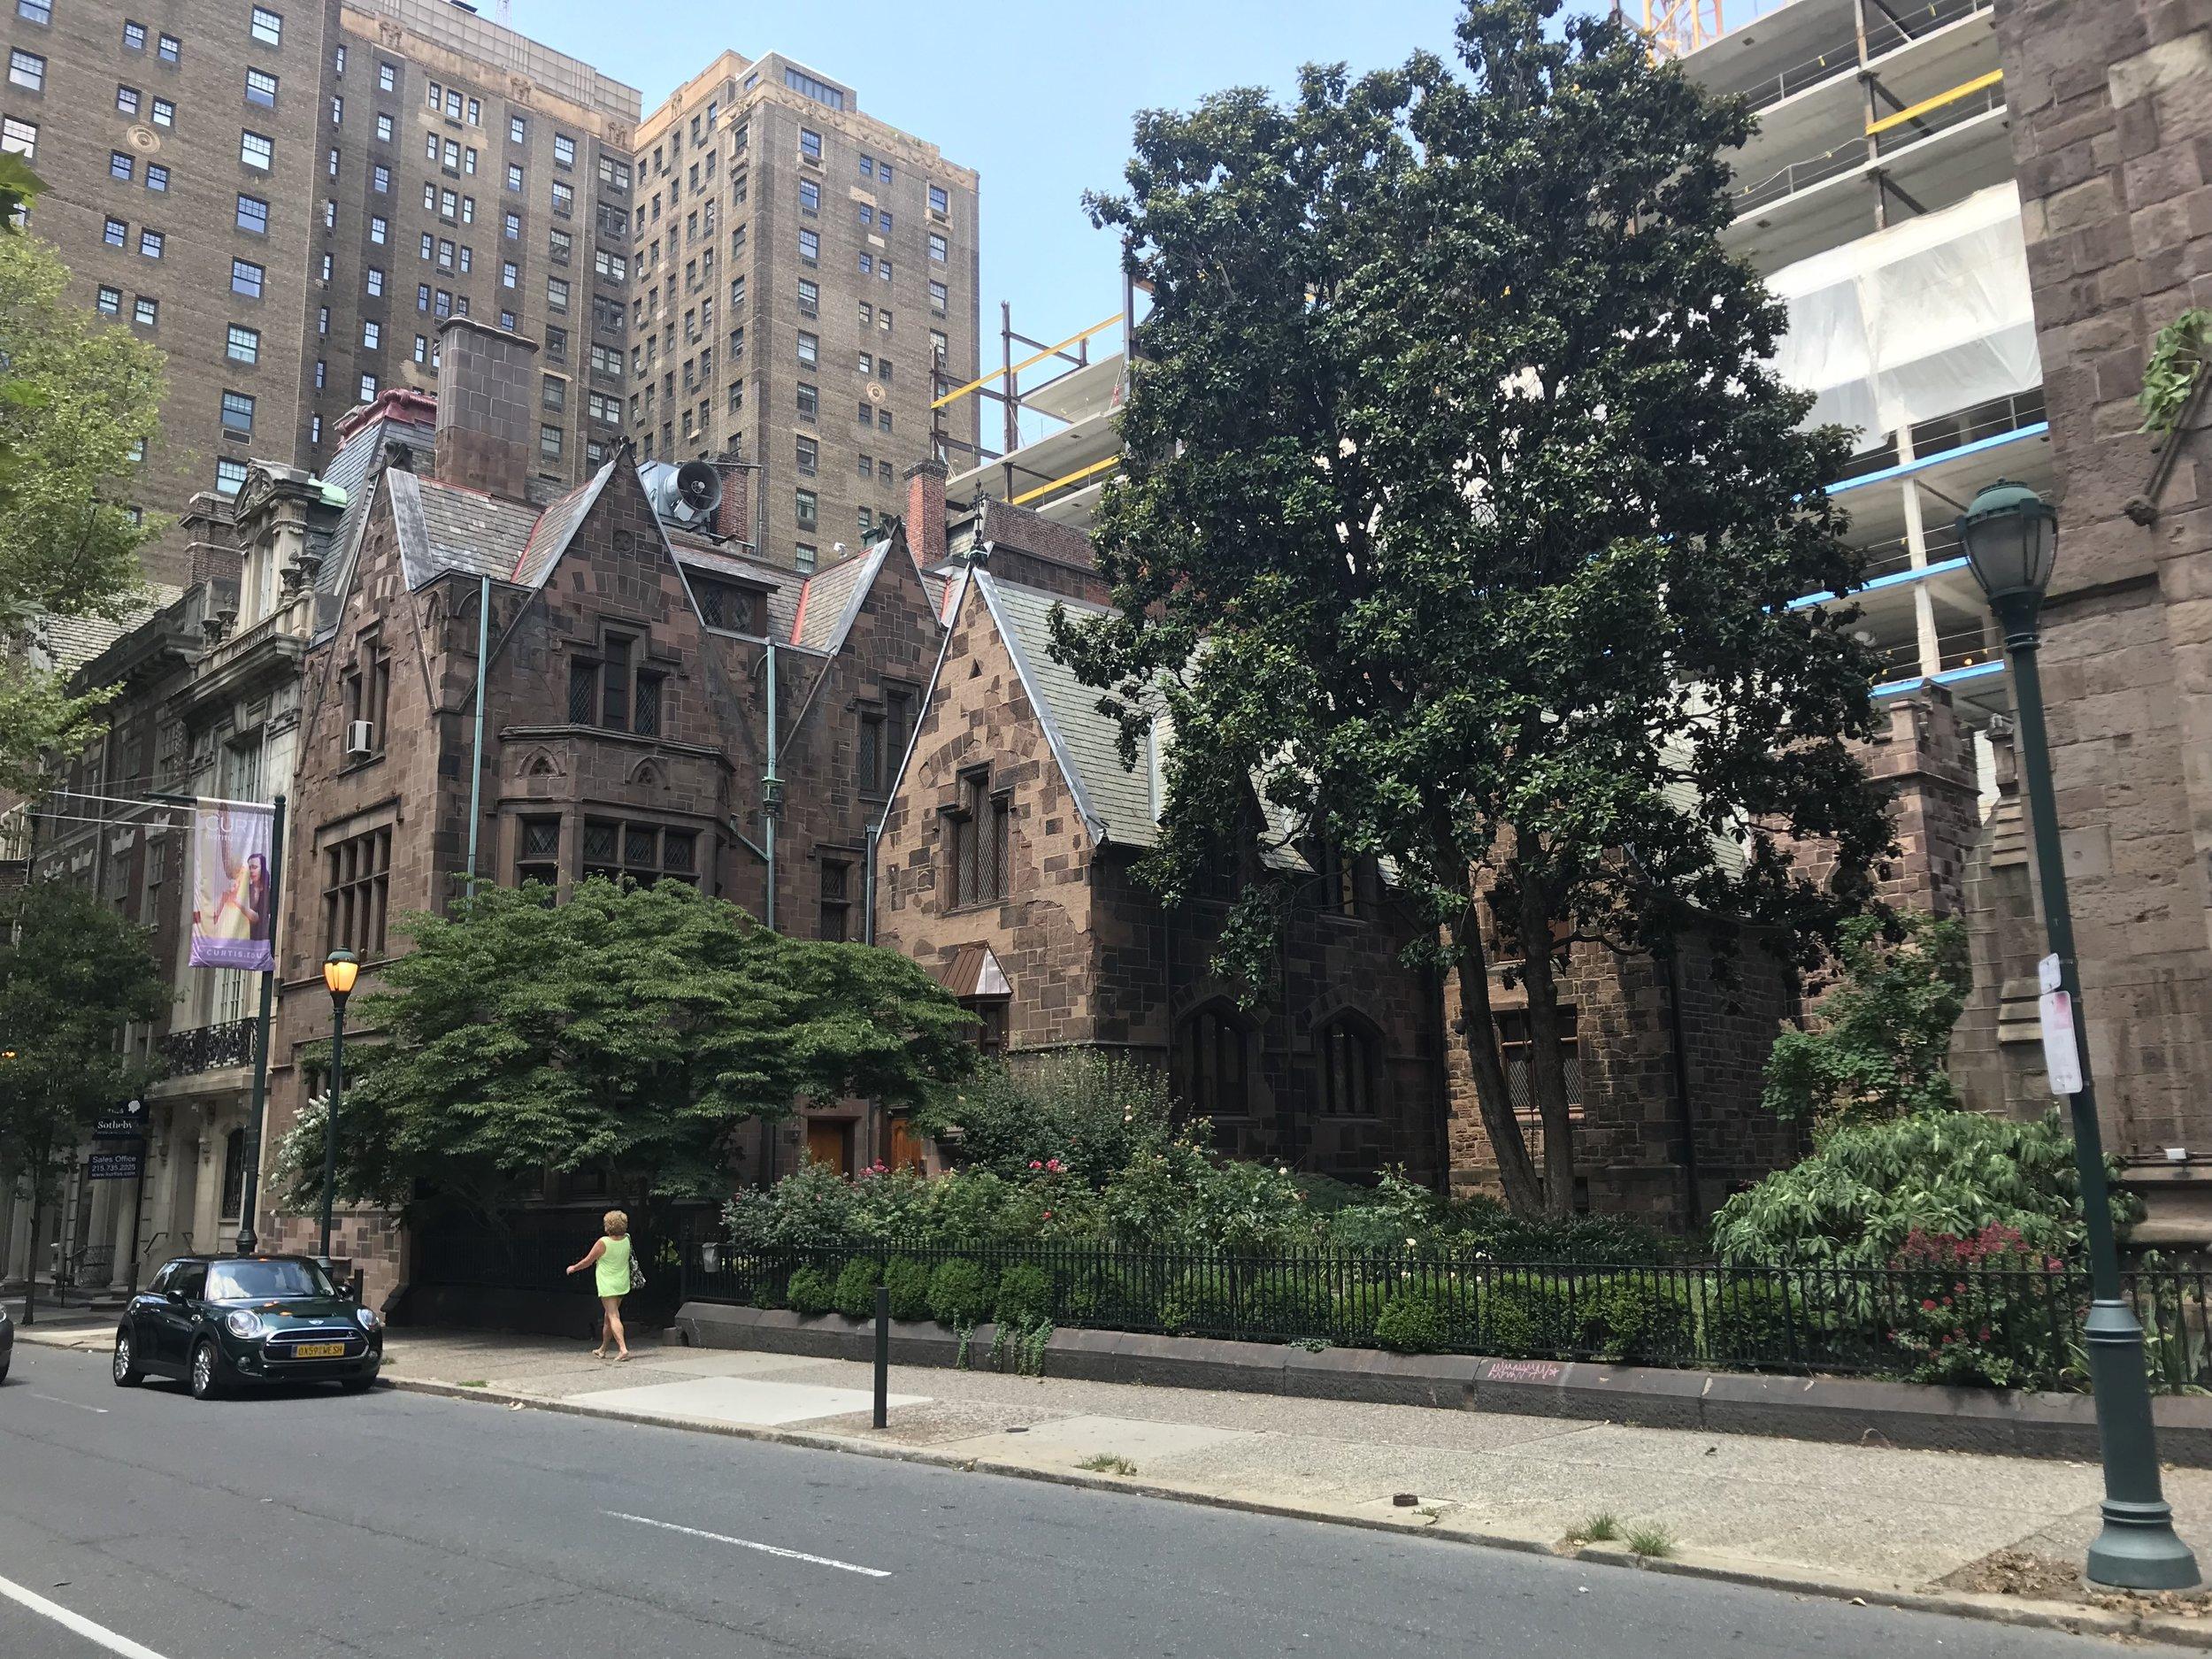 St. Mark's Parish House, Philadelphia, PA - 2019